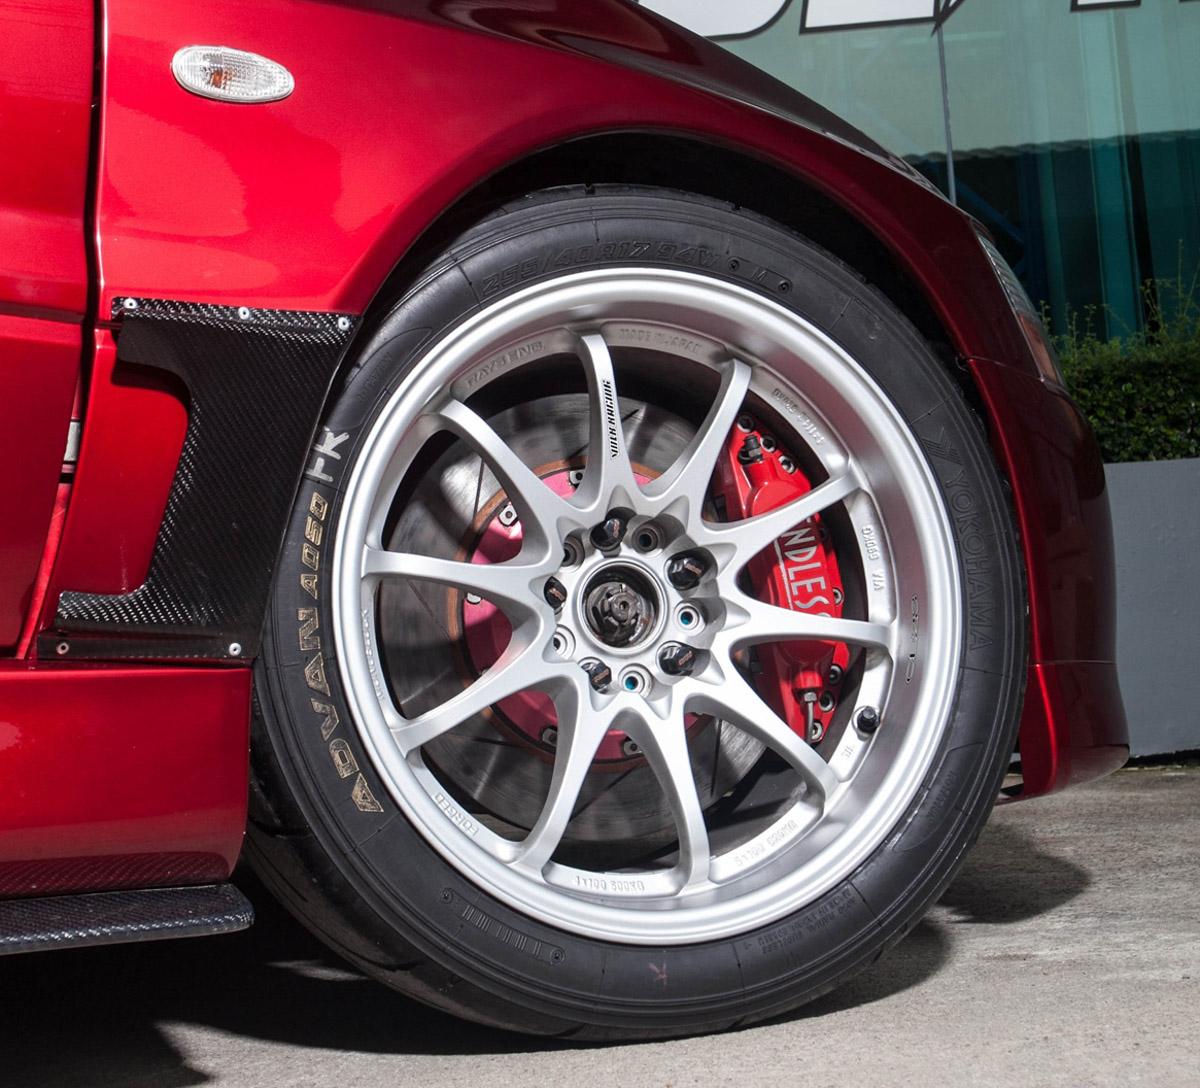 超强芦笋,644 hp 的 Mitsubishi Evolution IX !